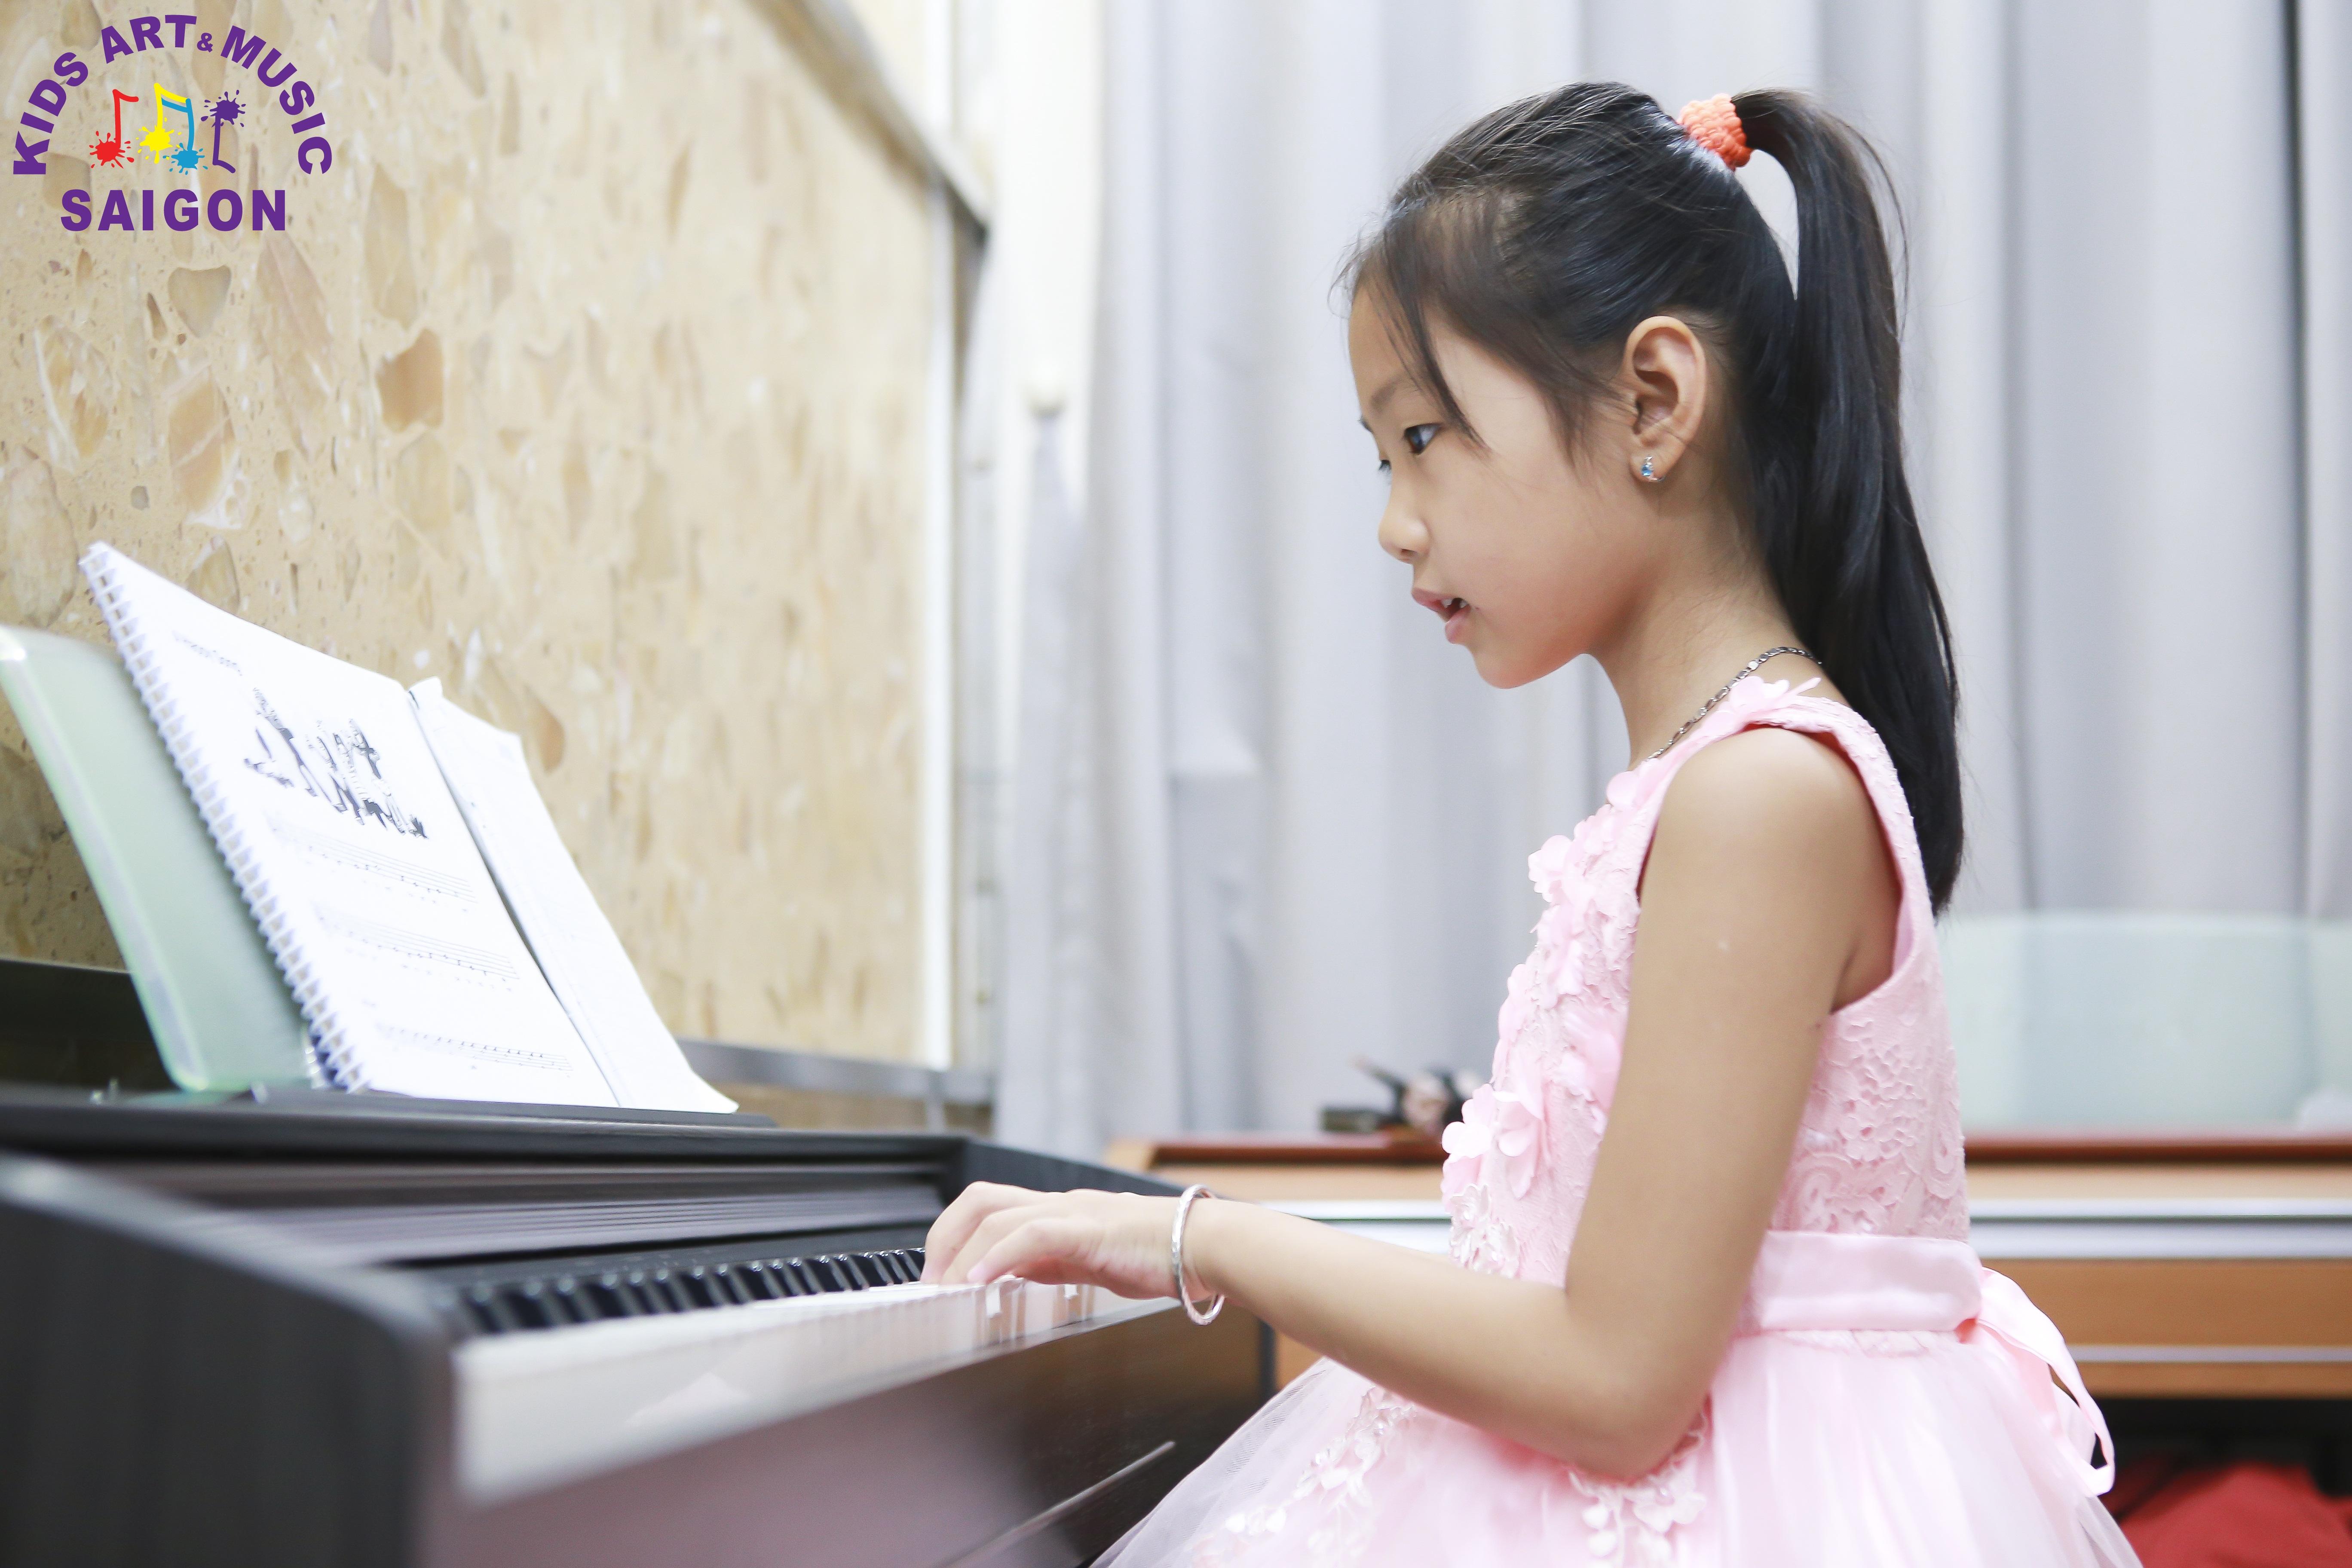 Học đàn Piano cho trẻ em tại Kids Art & Music Saigon, cùng tìm hiểu nhé! hình ảnh 6